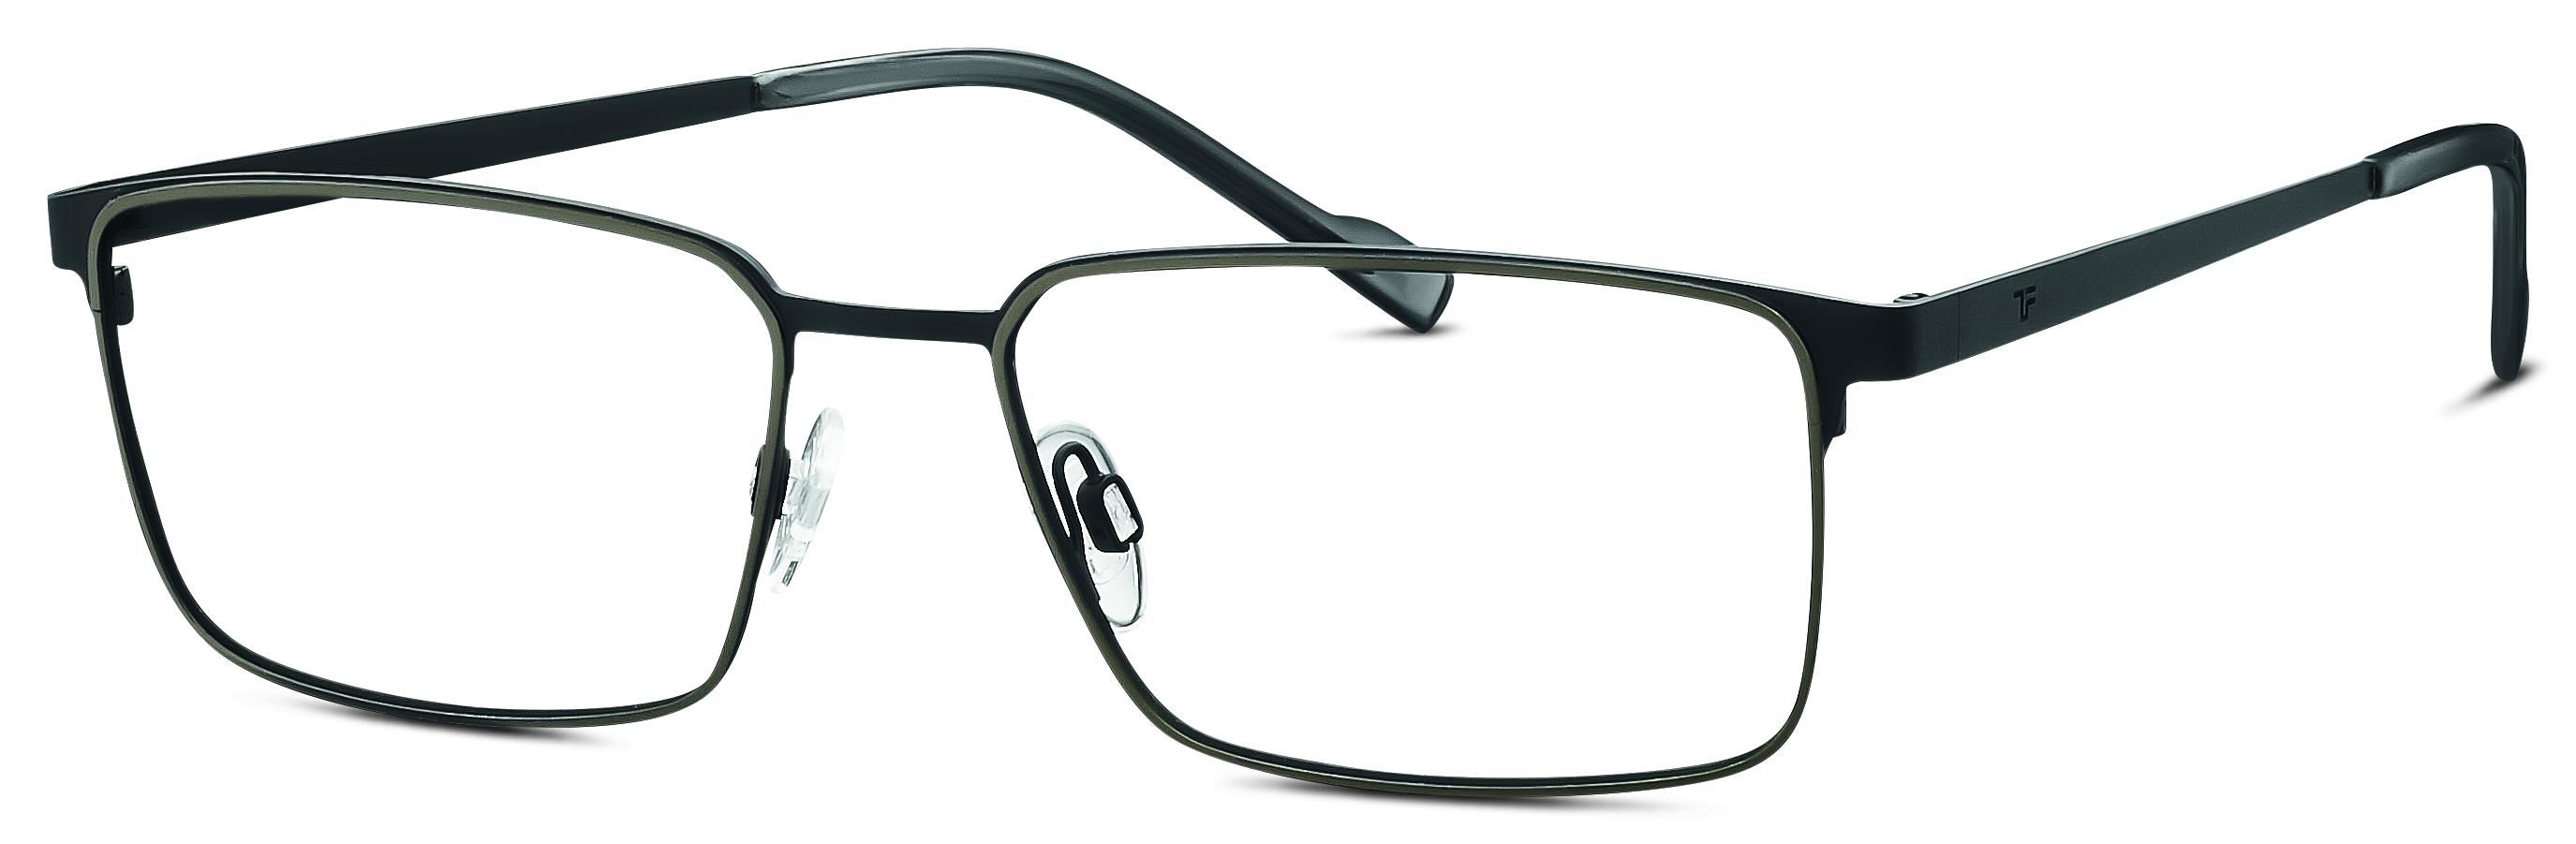 TITANflex Brille 820847 13